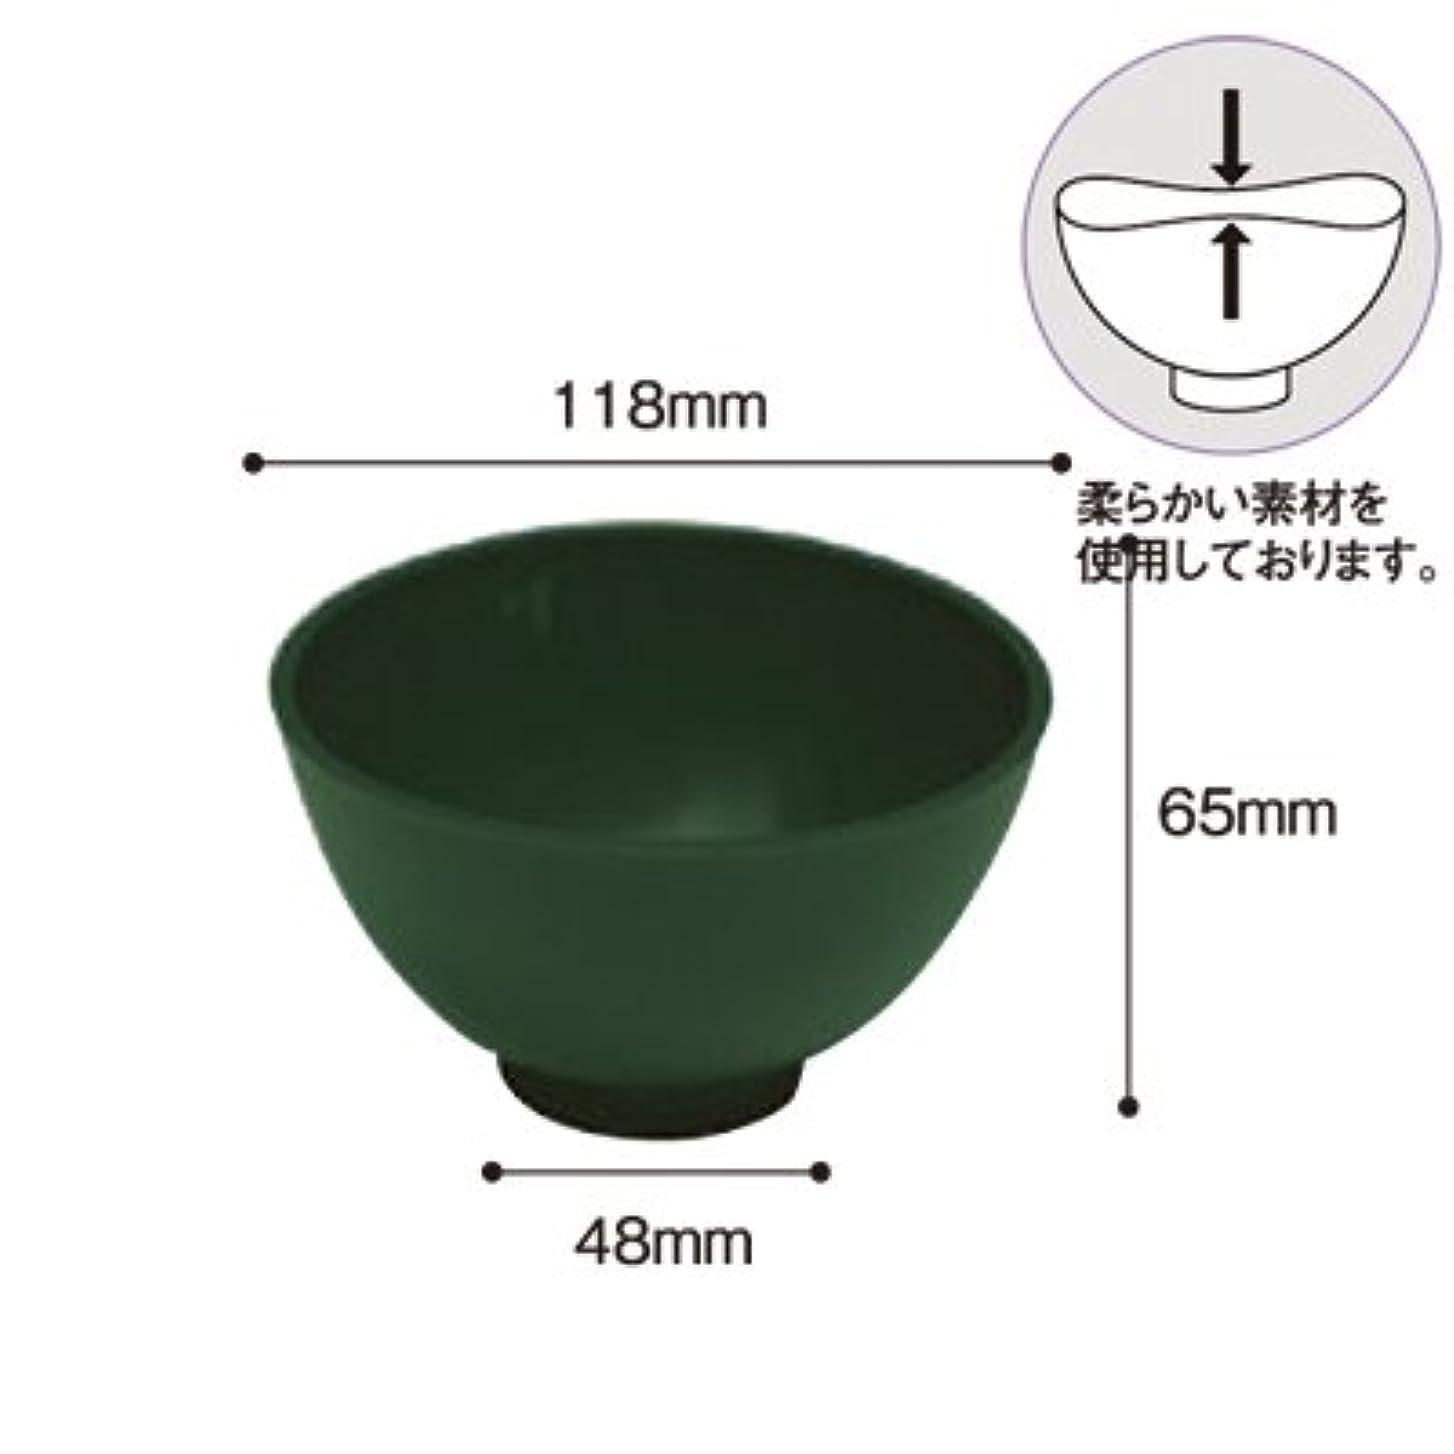 ご覧くださいうまうねる(ロータス)LOTUS ラバーボウル エステ サロン 割れない カップ 歯科 Mサイズ (直径:127mm)グリーン